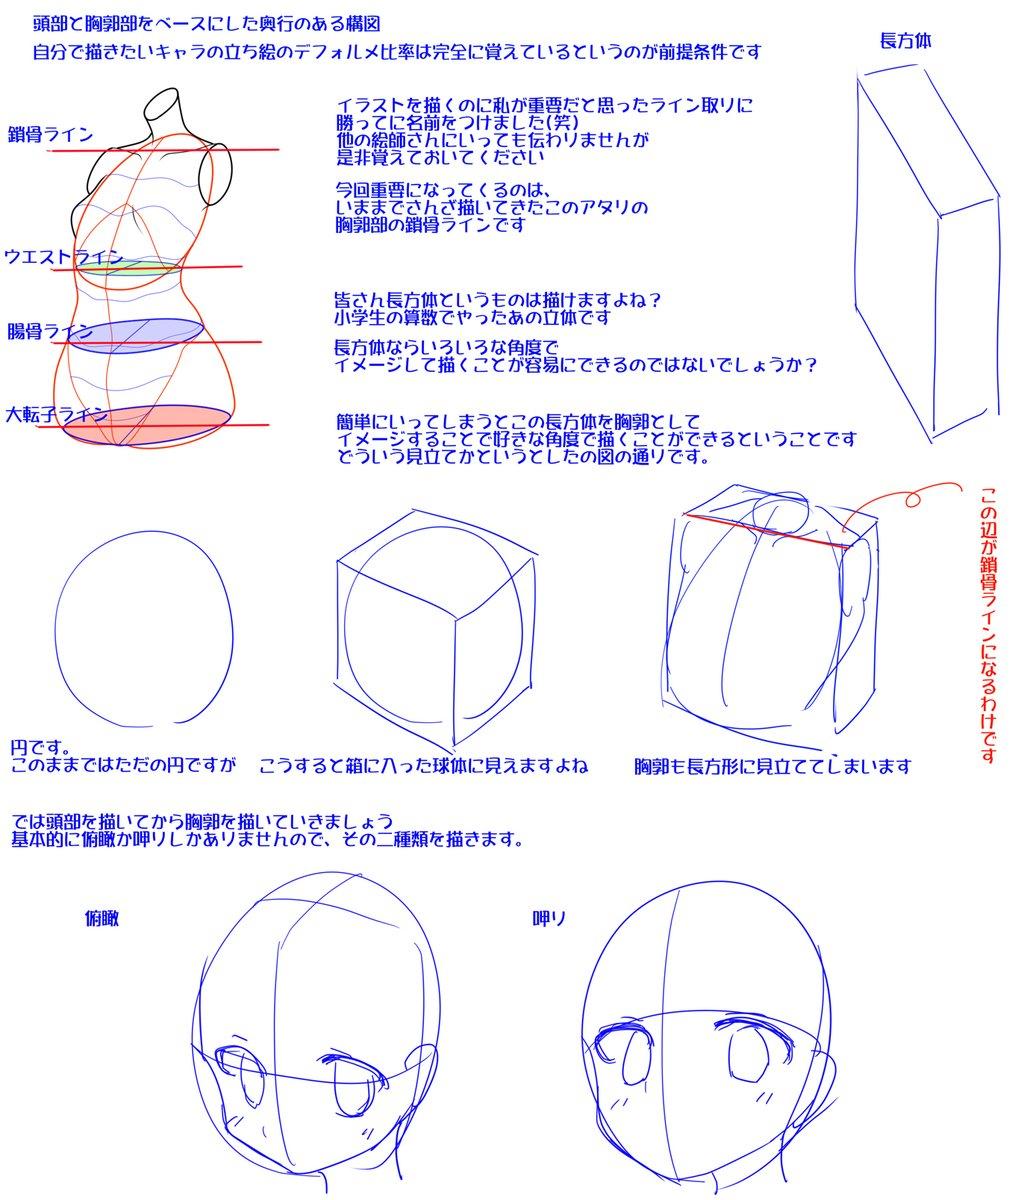 立ち絵を卒業したい人の為の頭部と胸郭部を使った奥行のある構図